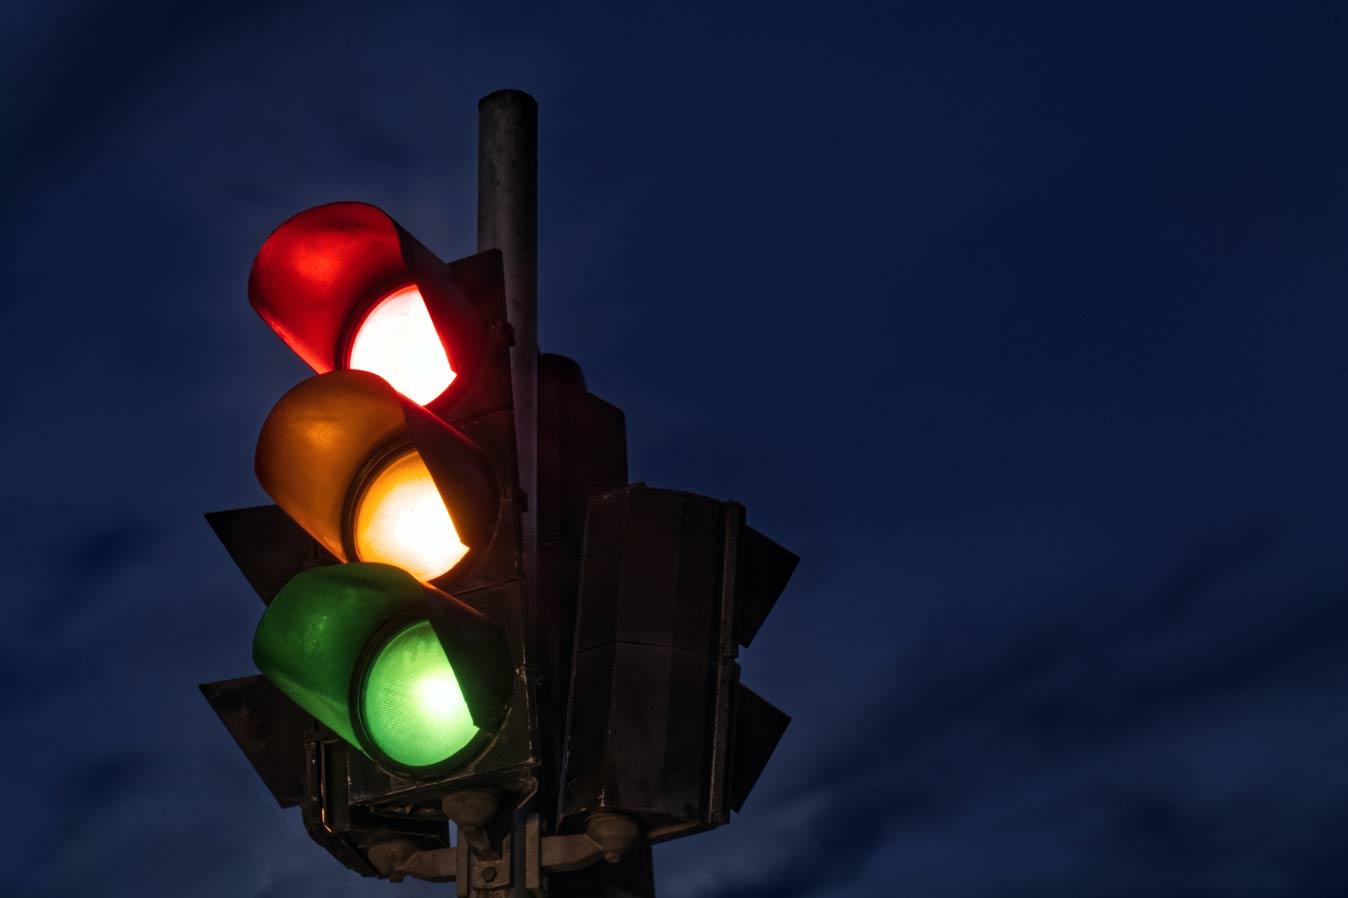 В Милане появились «умные» светофоры, которые будут ловить нарушителей правил дорожного движения